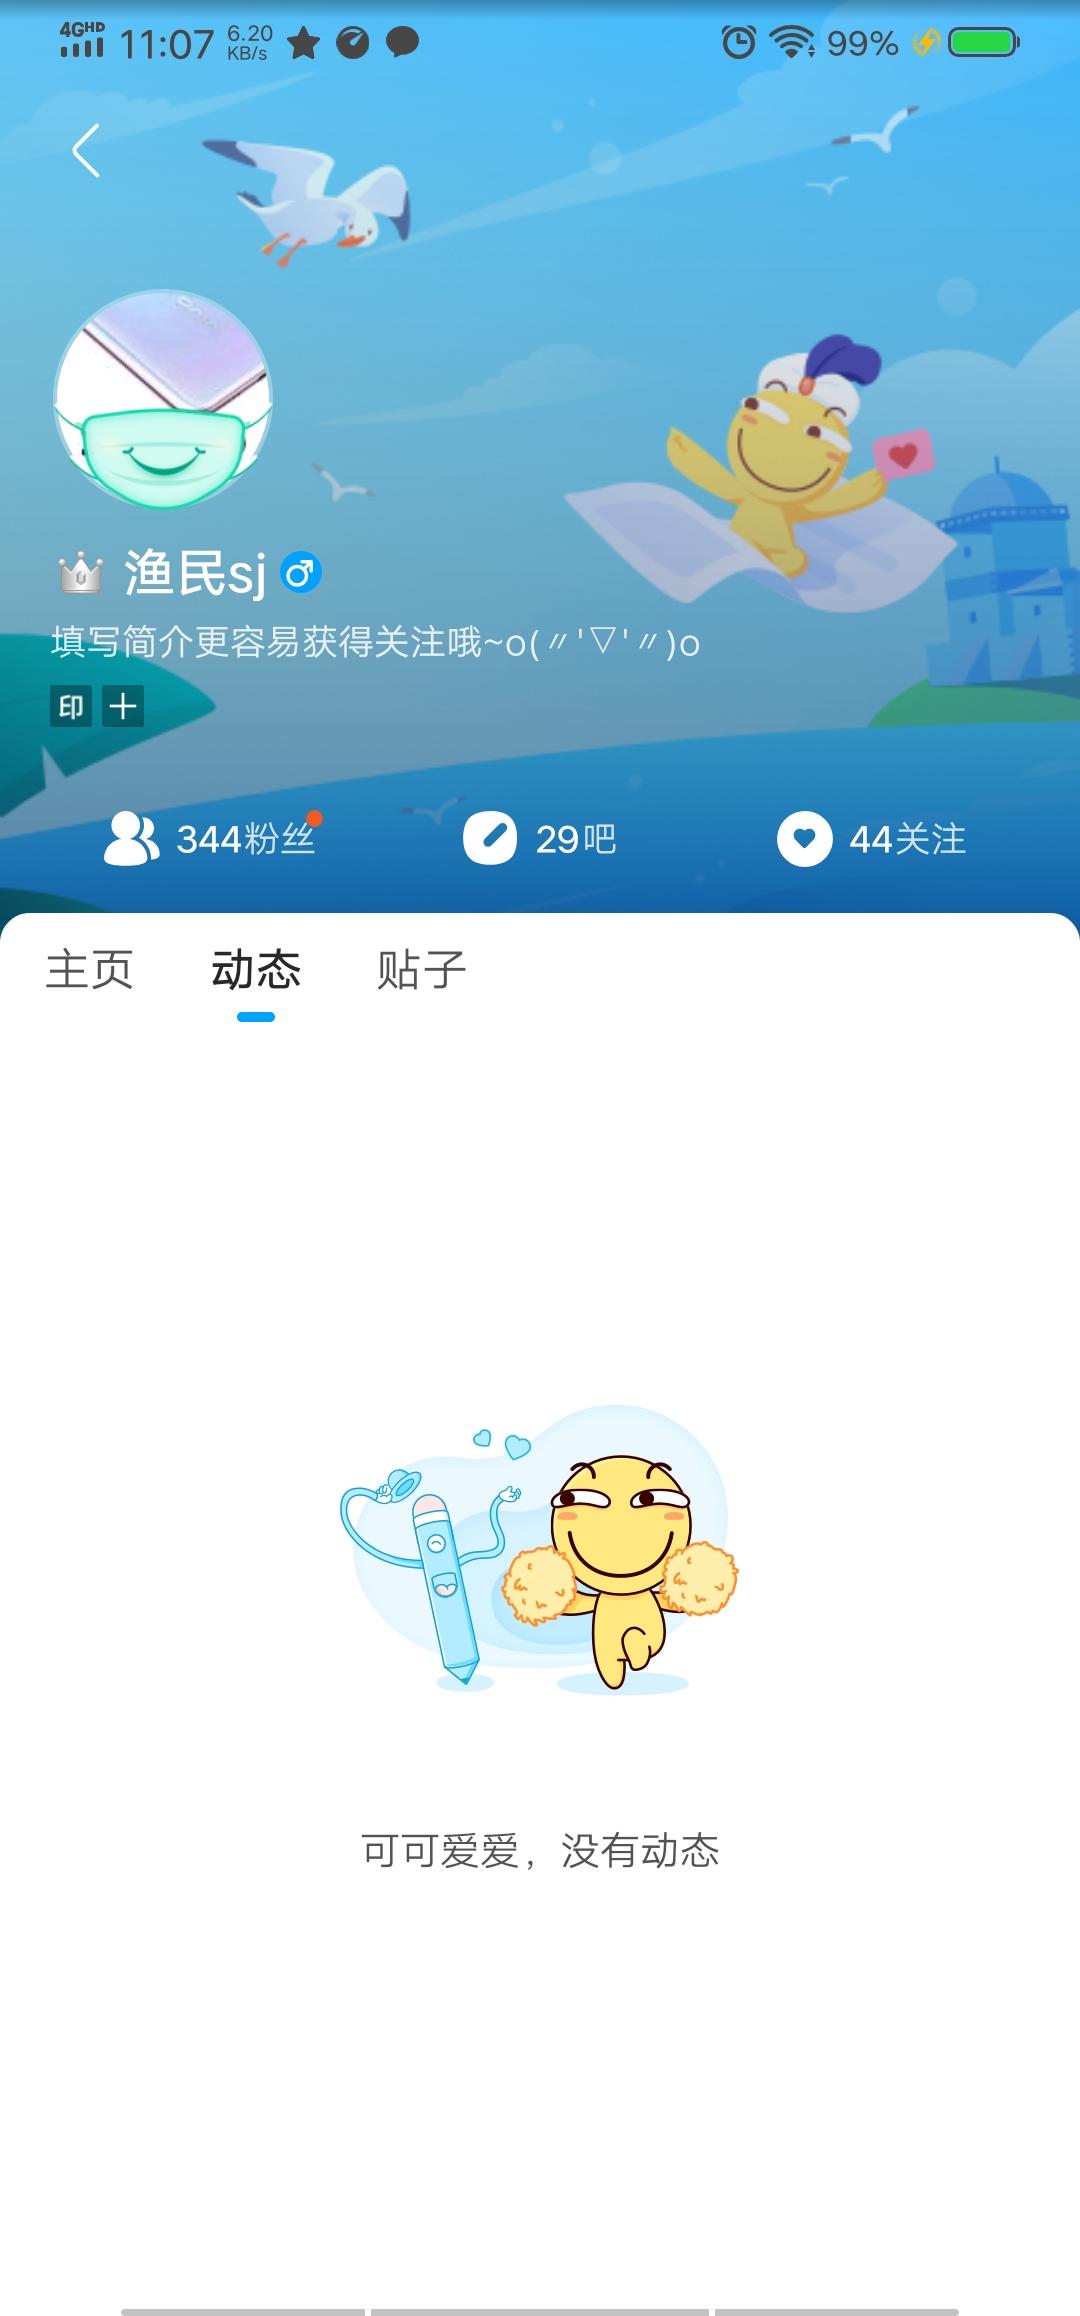 Screenshot_20200318_110709.jpg